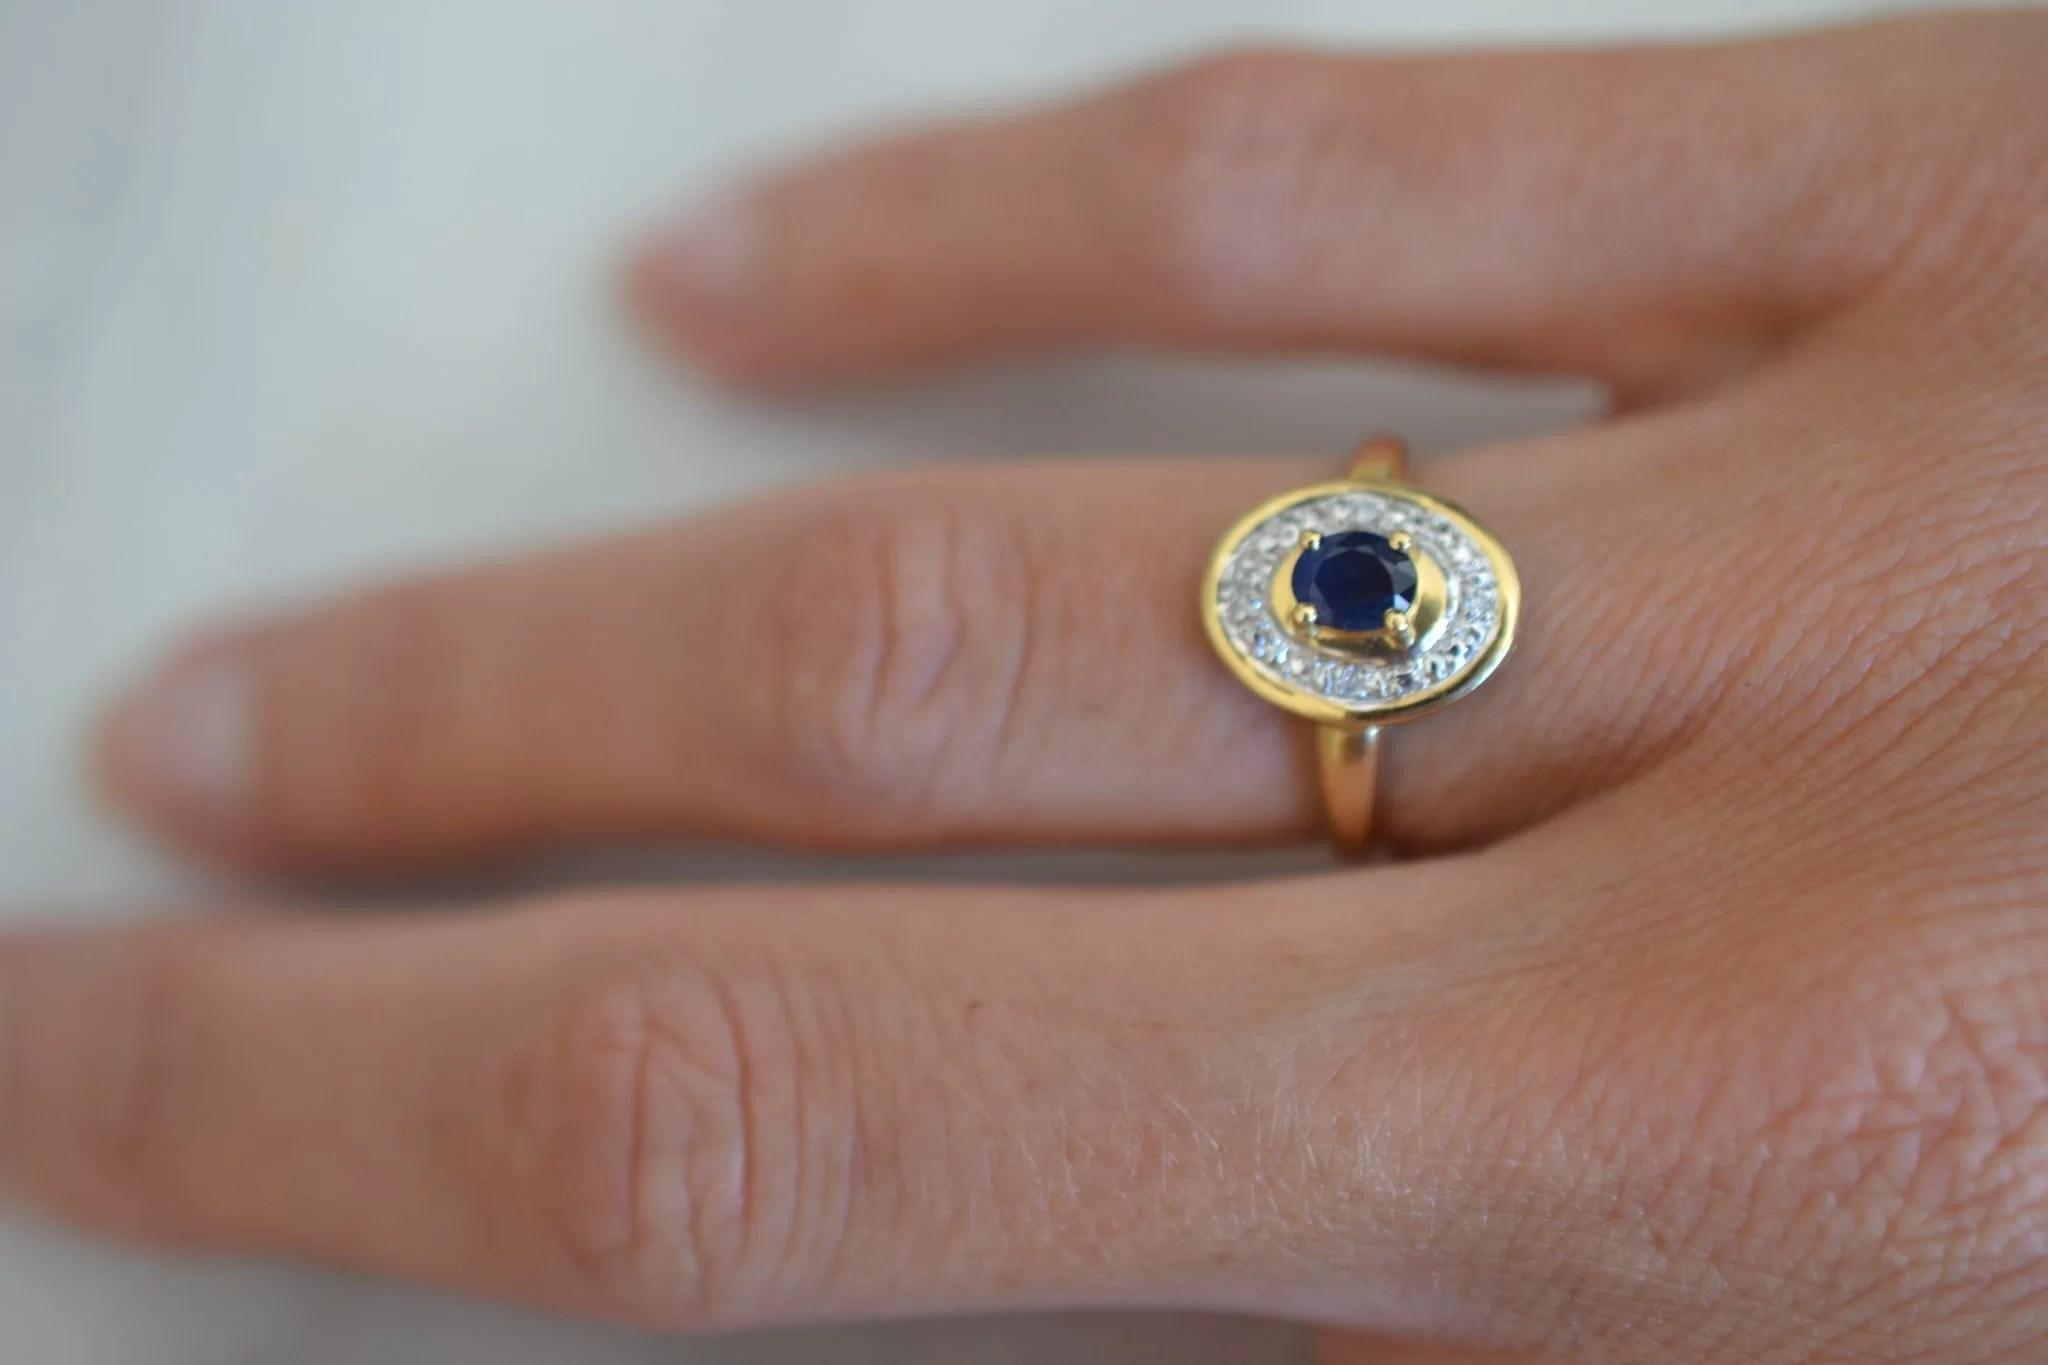 Bague saphir et 4 diamants, en Or jaune 18 carats, 750:1000 - Bijoux anciens - bague de fiançailles occasion